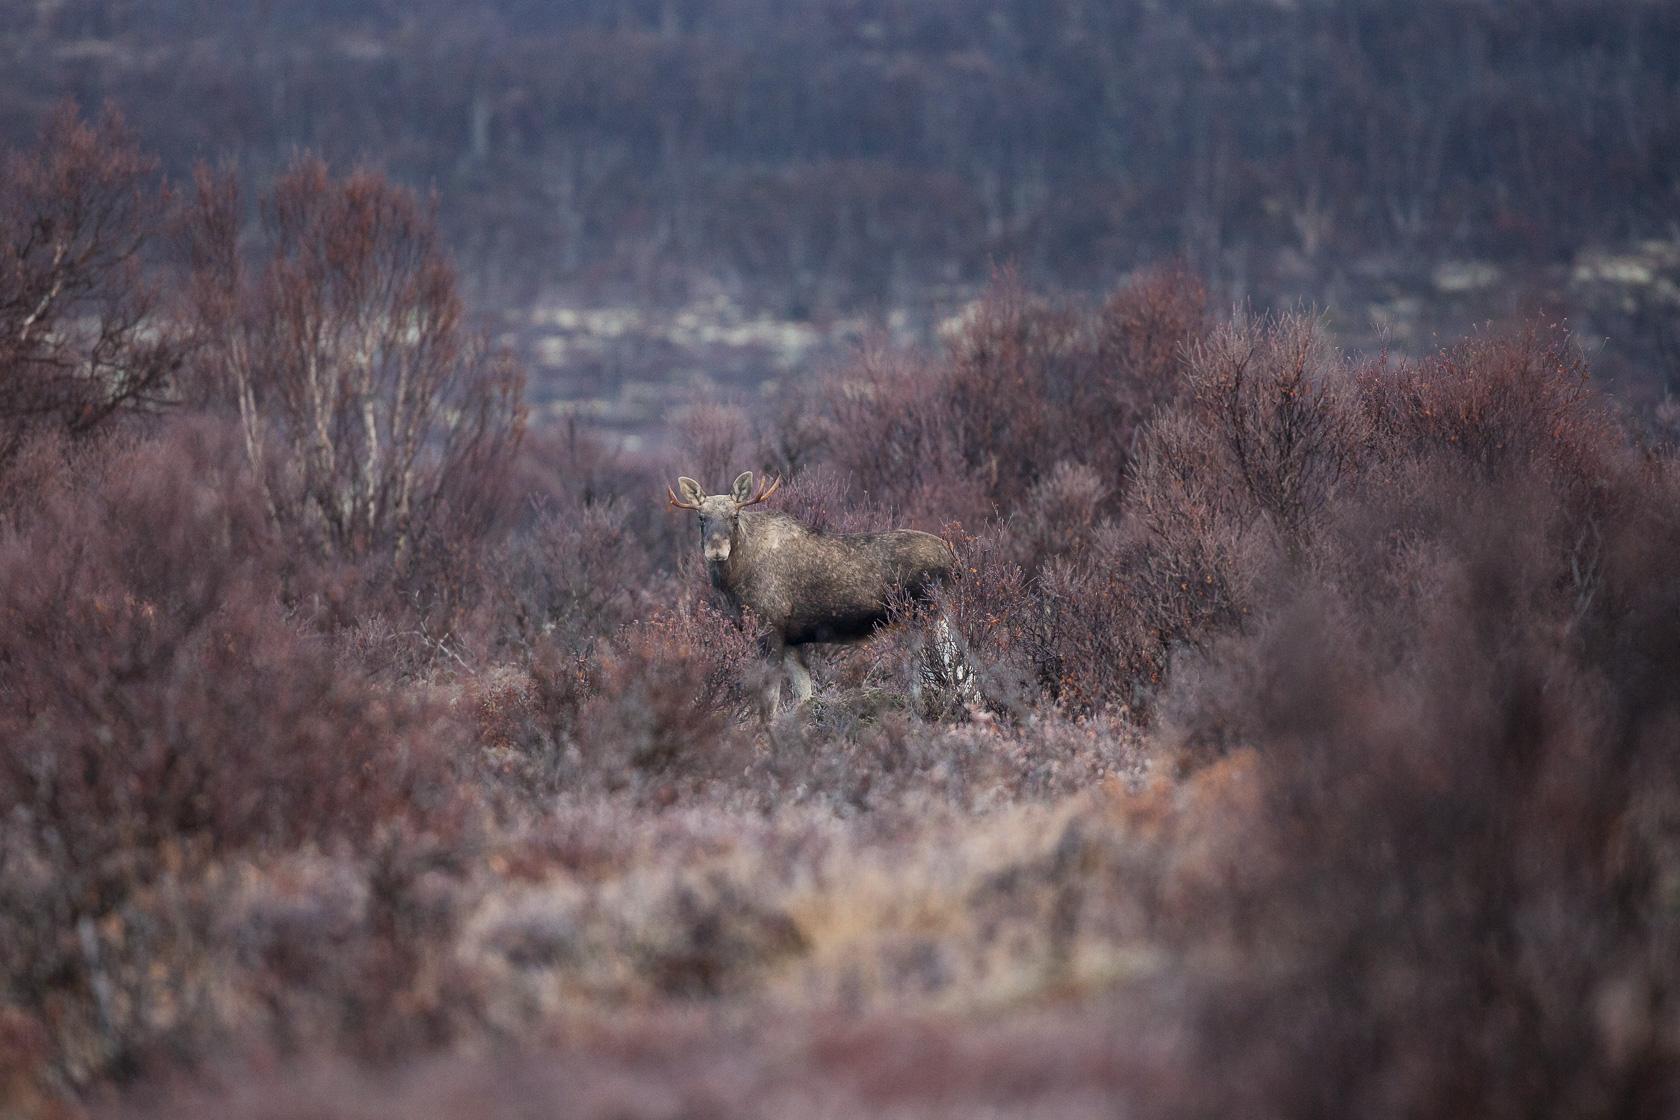 élan (Alces alces) dans la réserve naturelle de Fokstumyra en Norvège